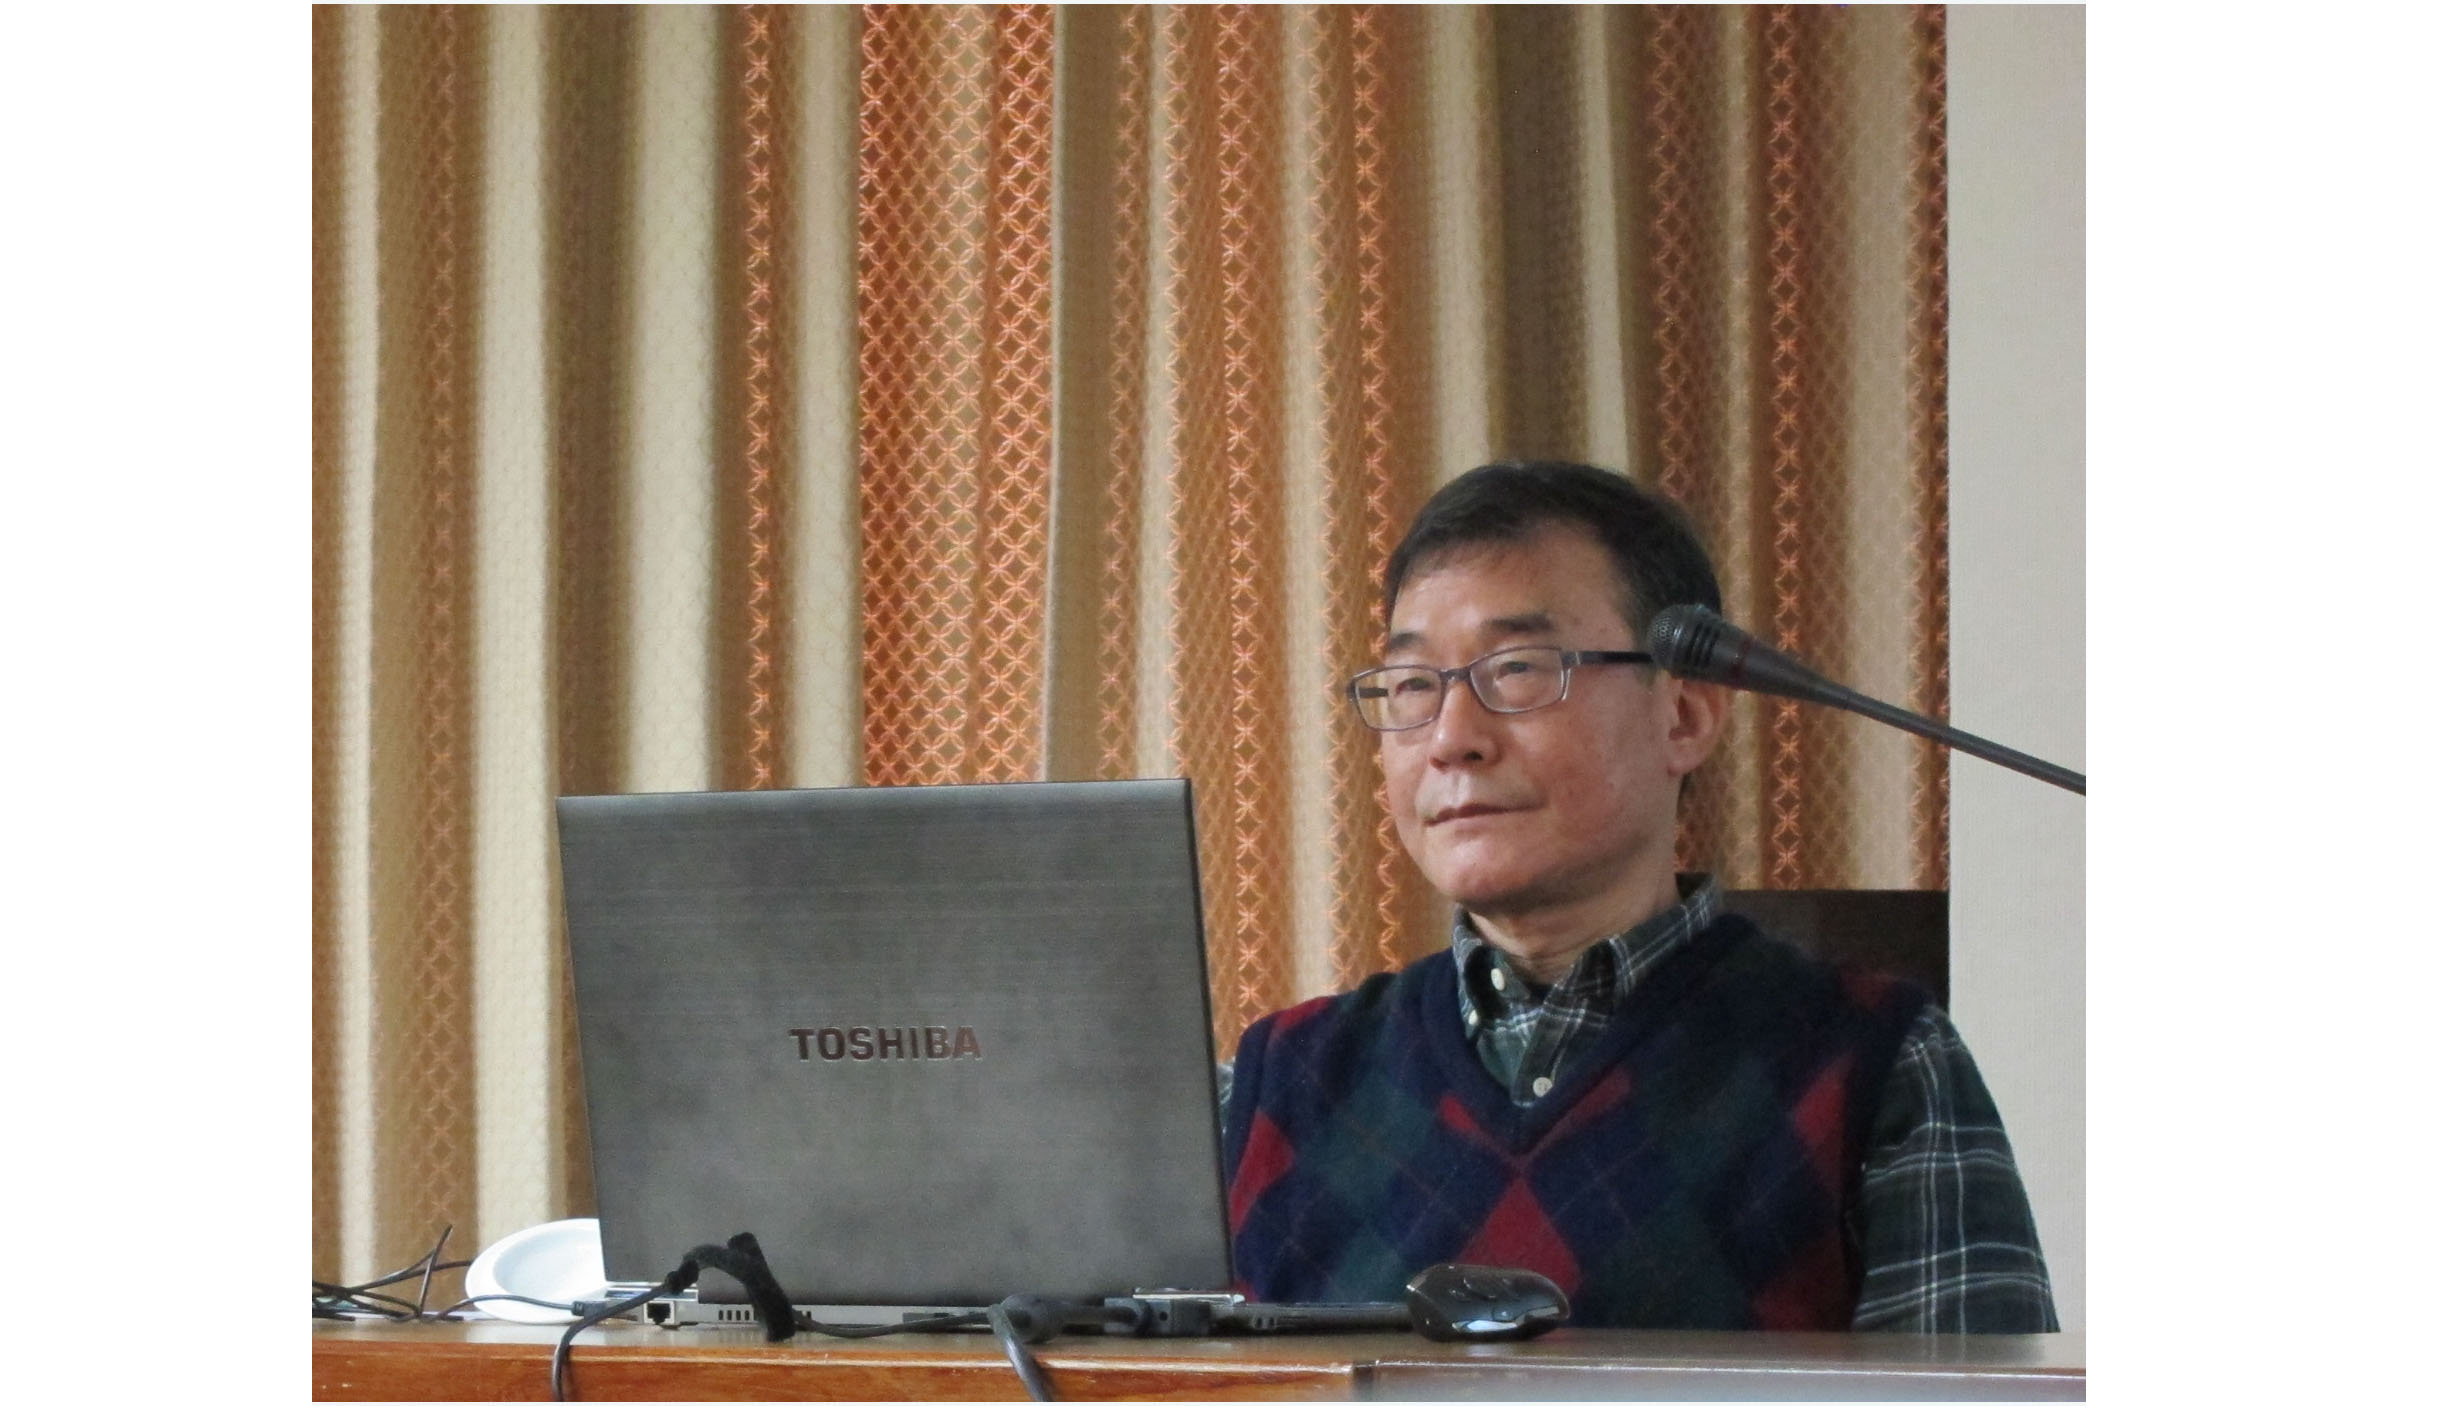 陳國棟教授演講「道光八年澳門外海喋血案─一樁「繪聲繪影」的審判」紀要